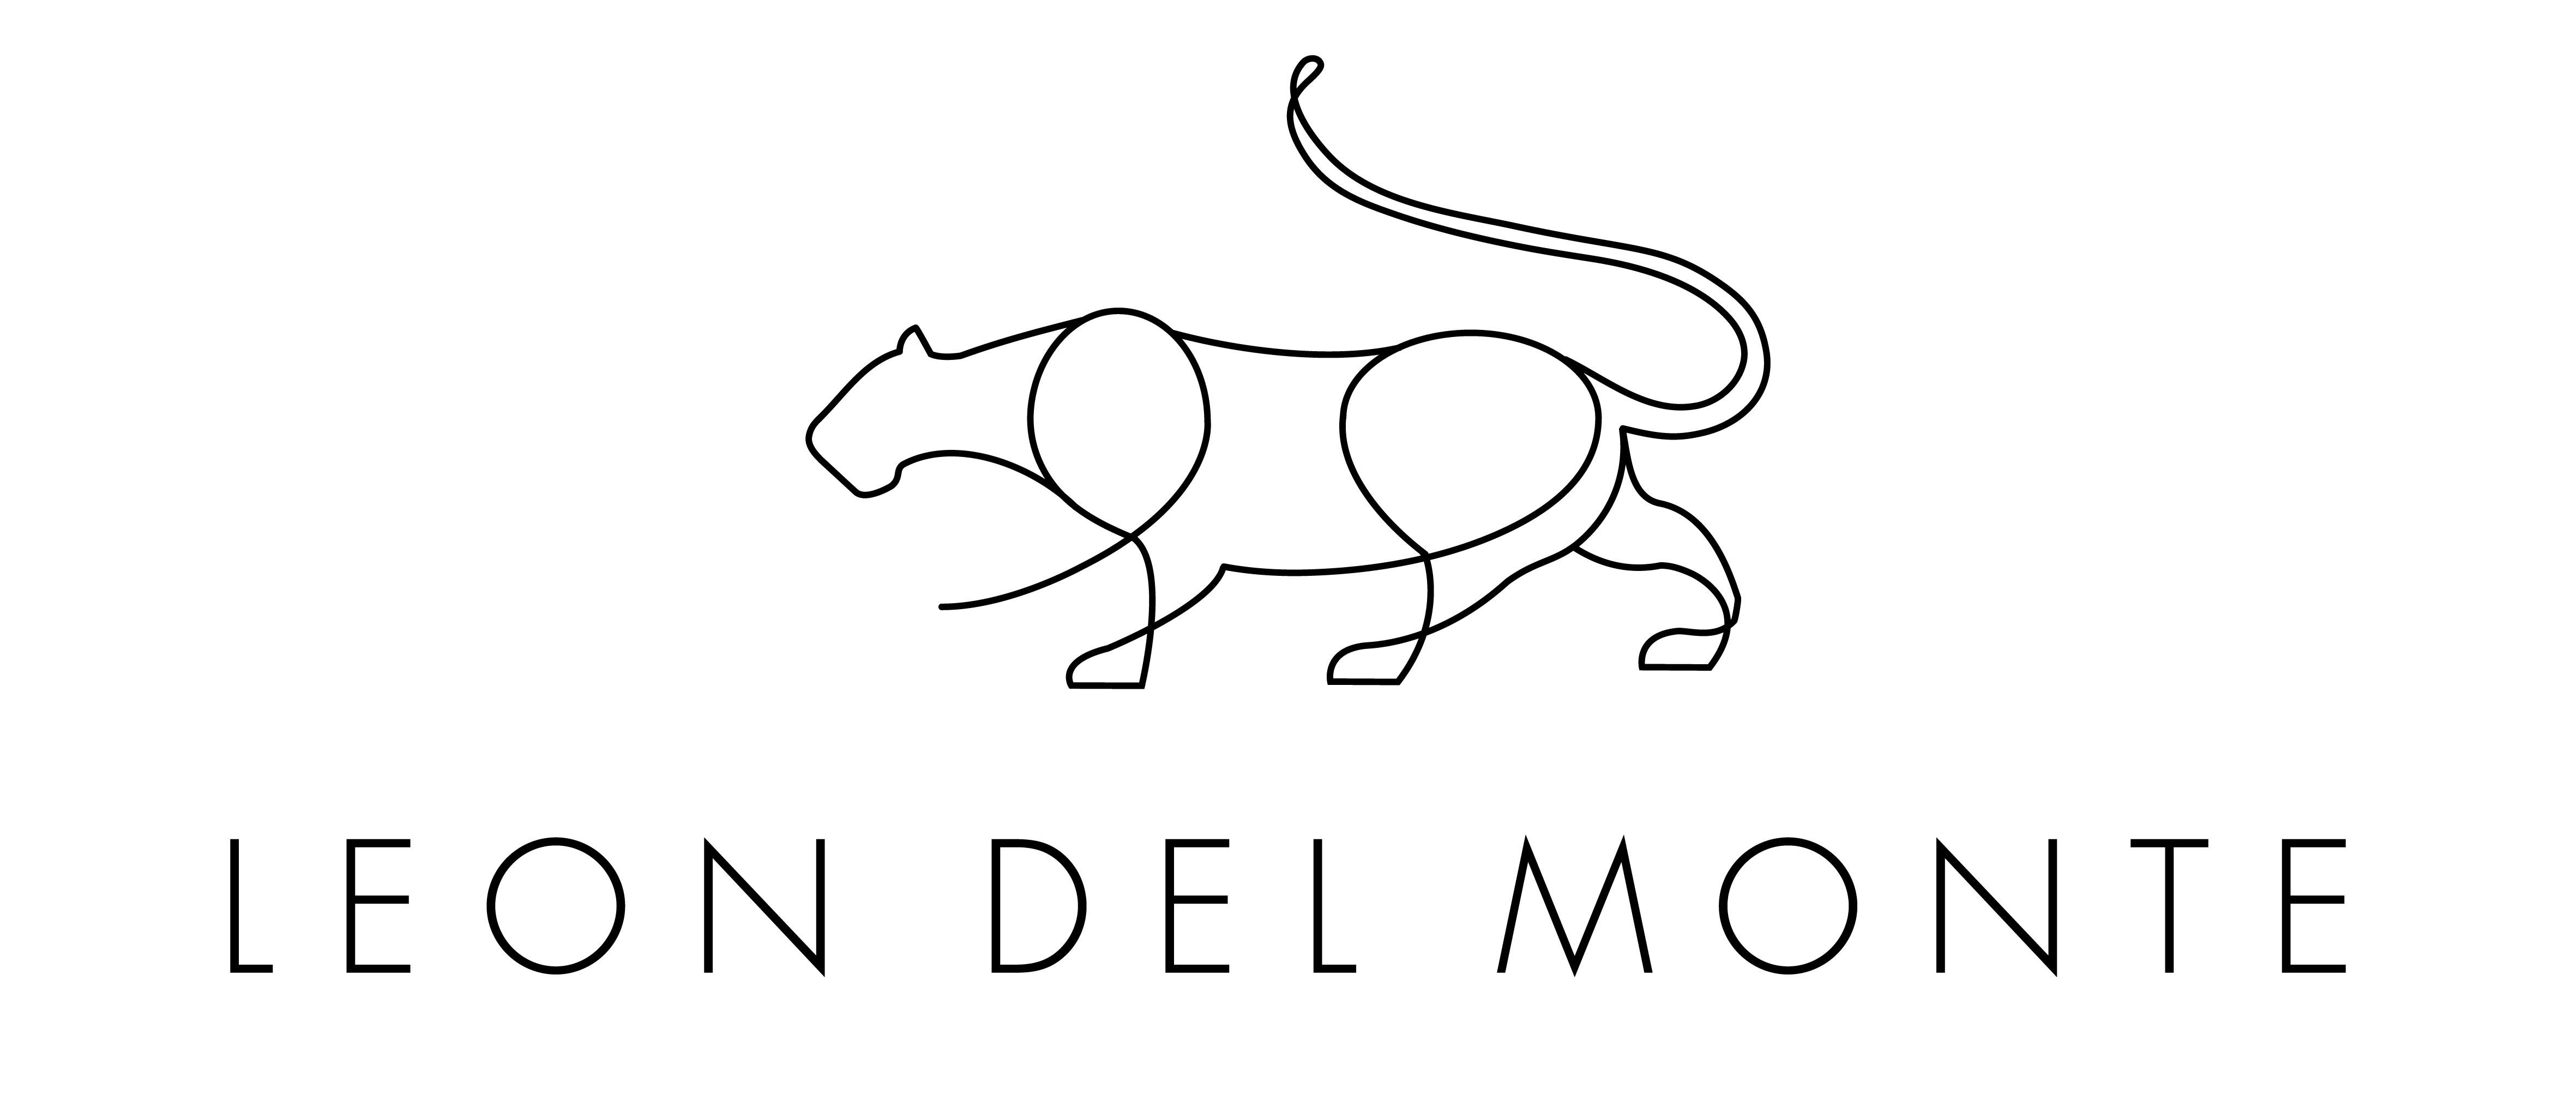 León del Monte